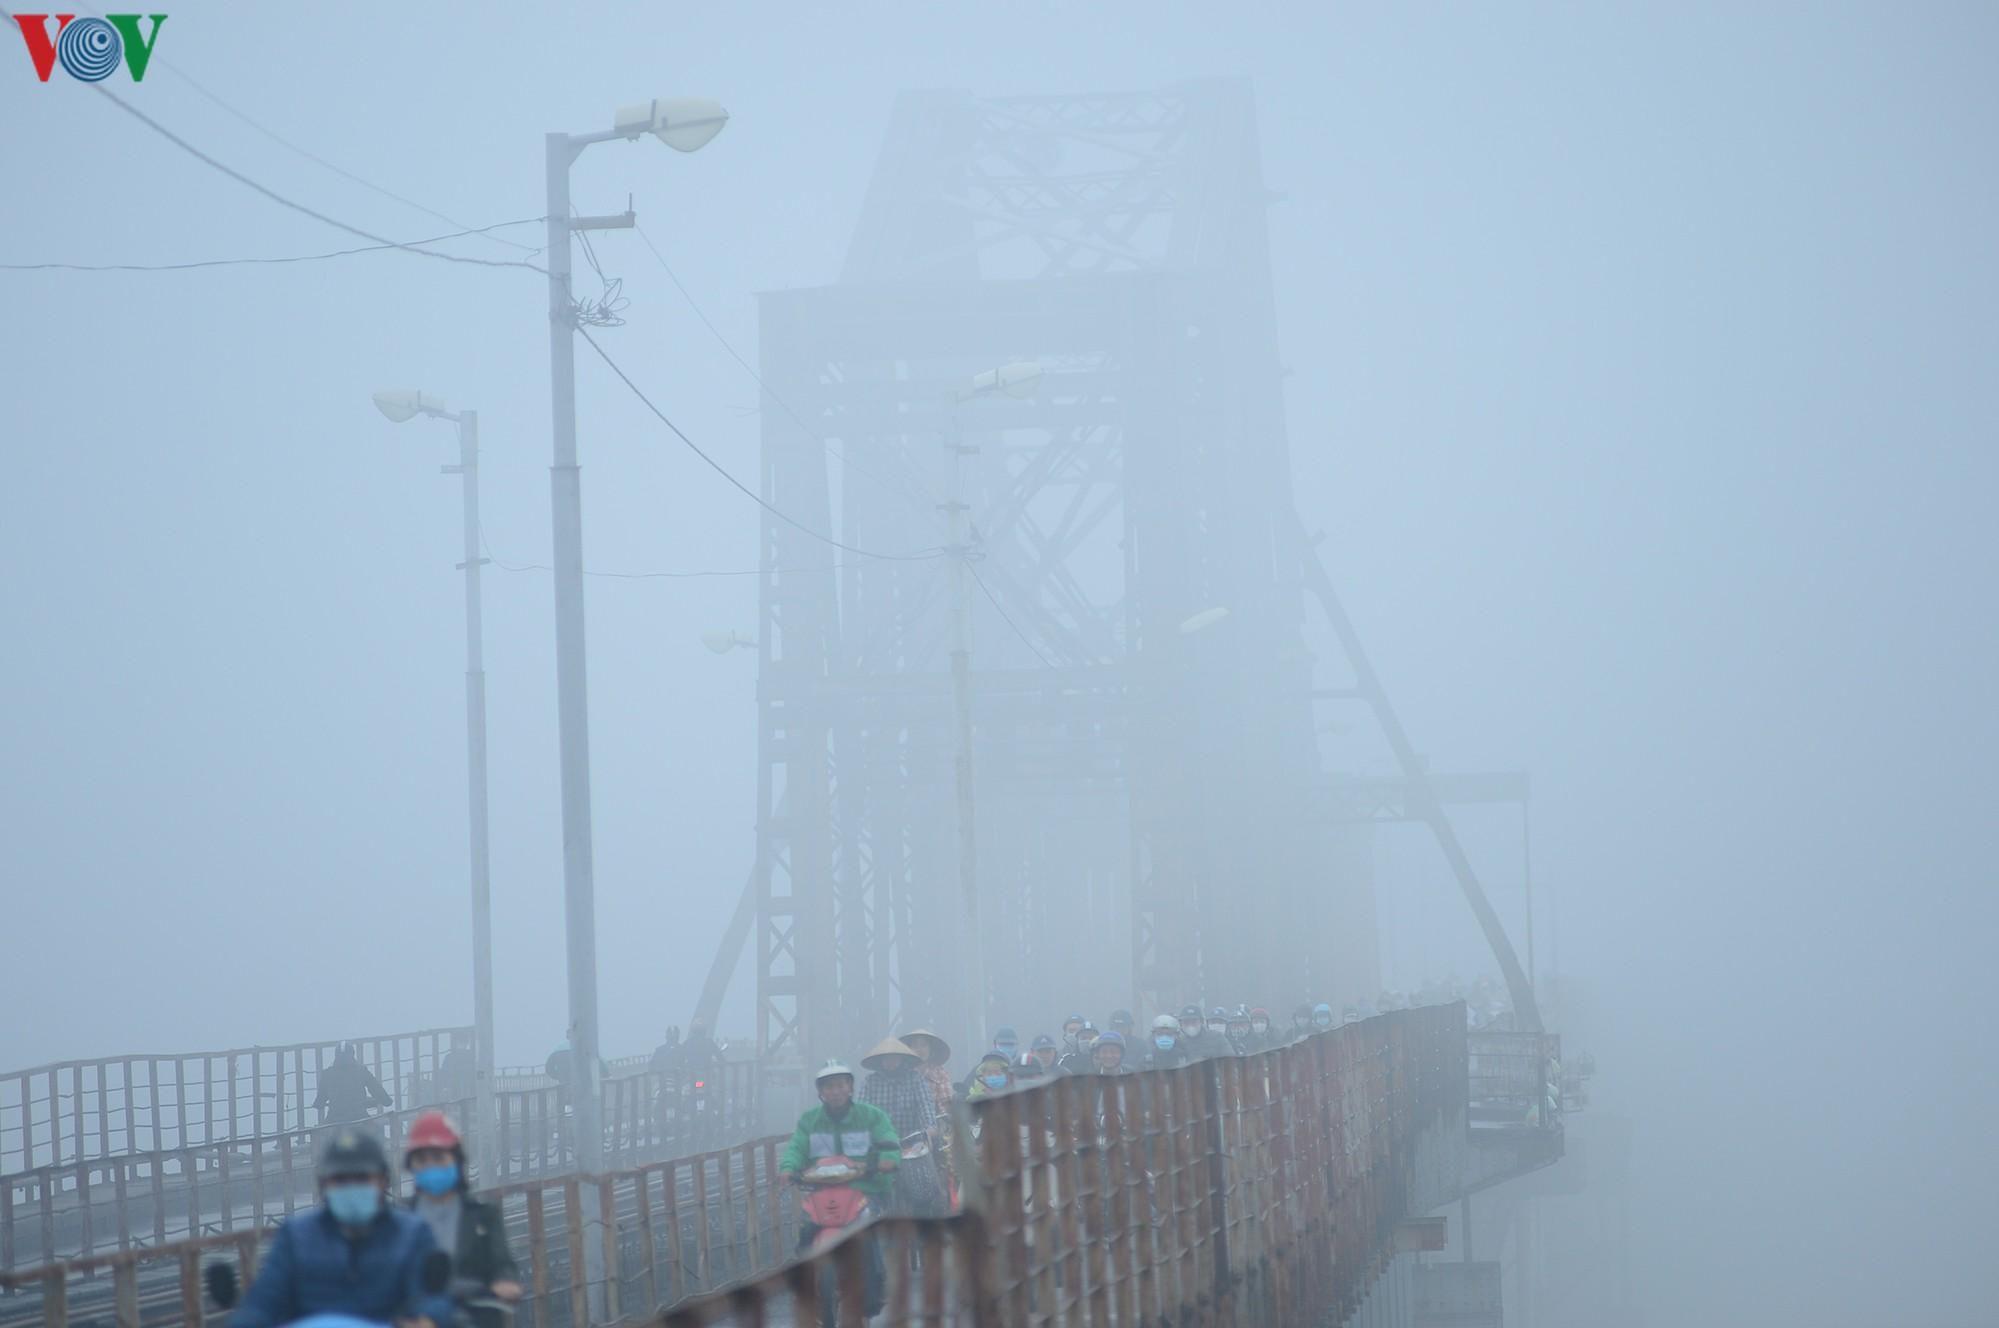 Hà Nội lại chìm trong sương mù dày đặc Ảnh 10